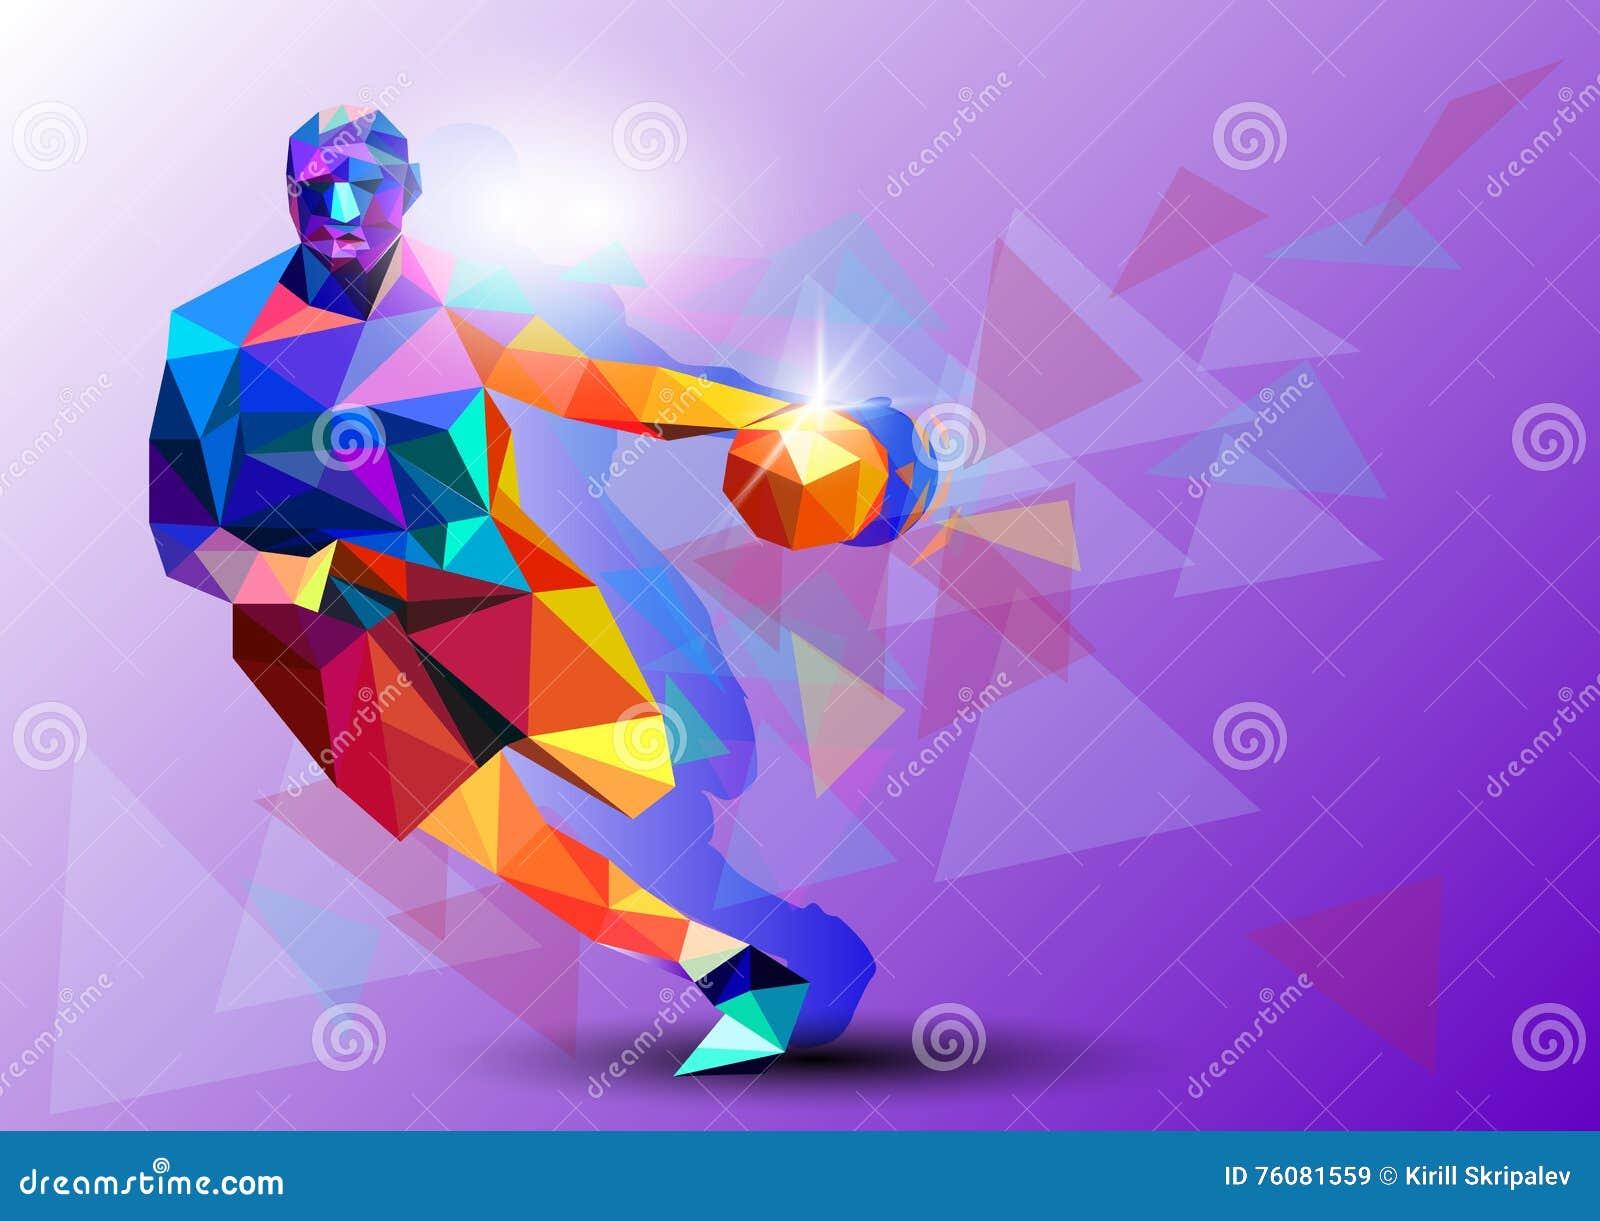 Το Polygonal γεωμετρικό επαγγελματικό παίχτης μπάσκετ στο ζωηρόχρωμο χαμηλό πολυ backgrounder, καθαρίζει - και - το τράνταγμα